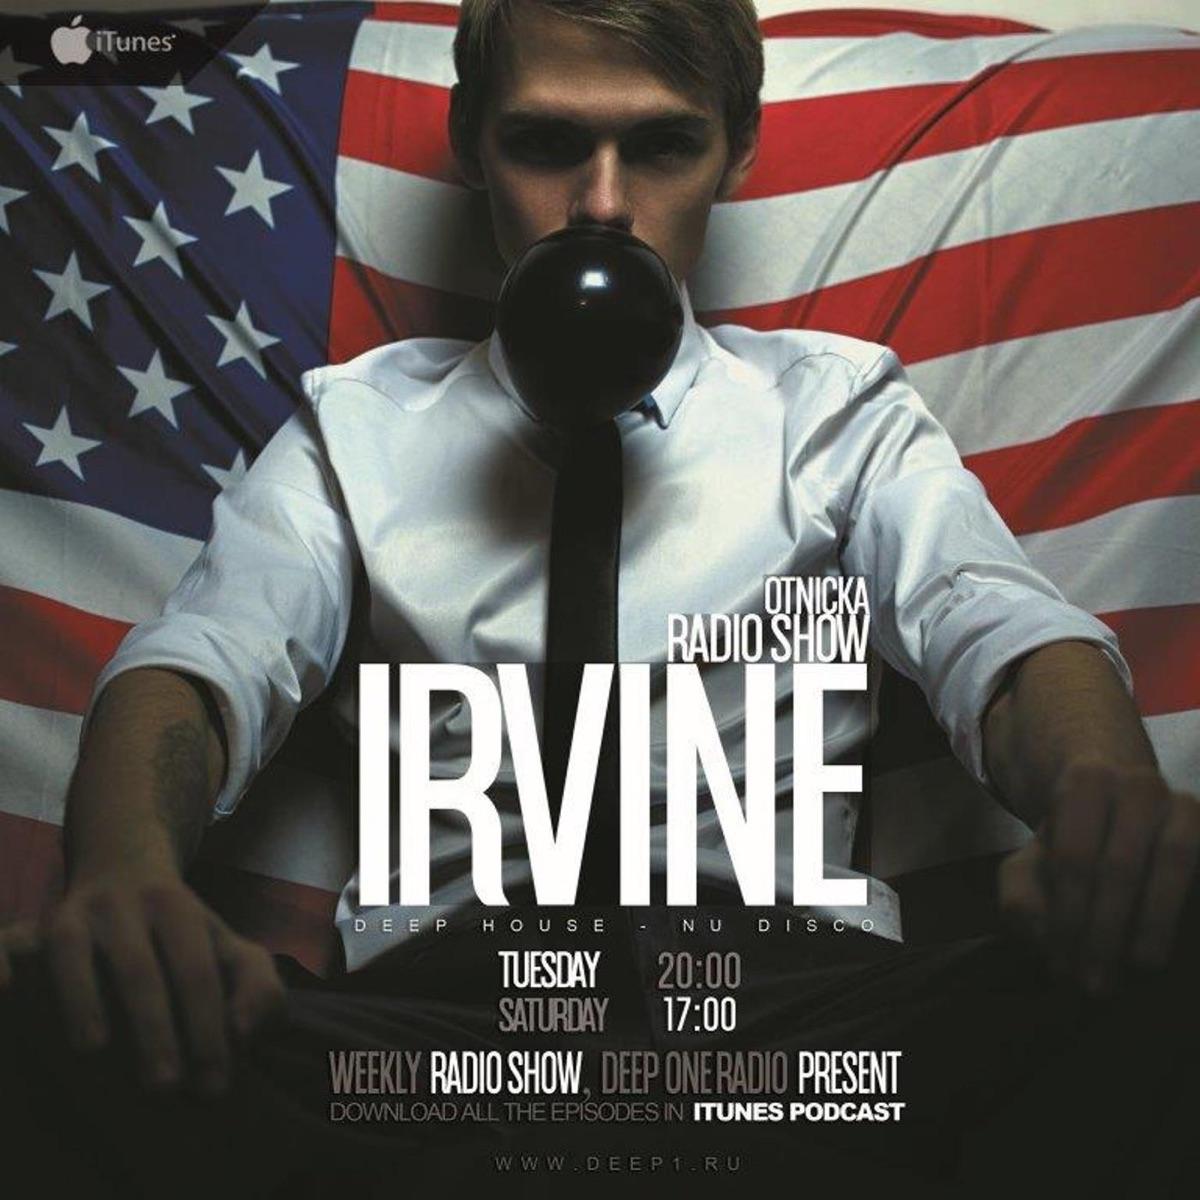 Otnicka - Irvine Radio Show #179 (20.11.2018) (179)